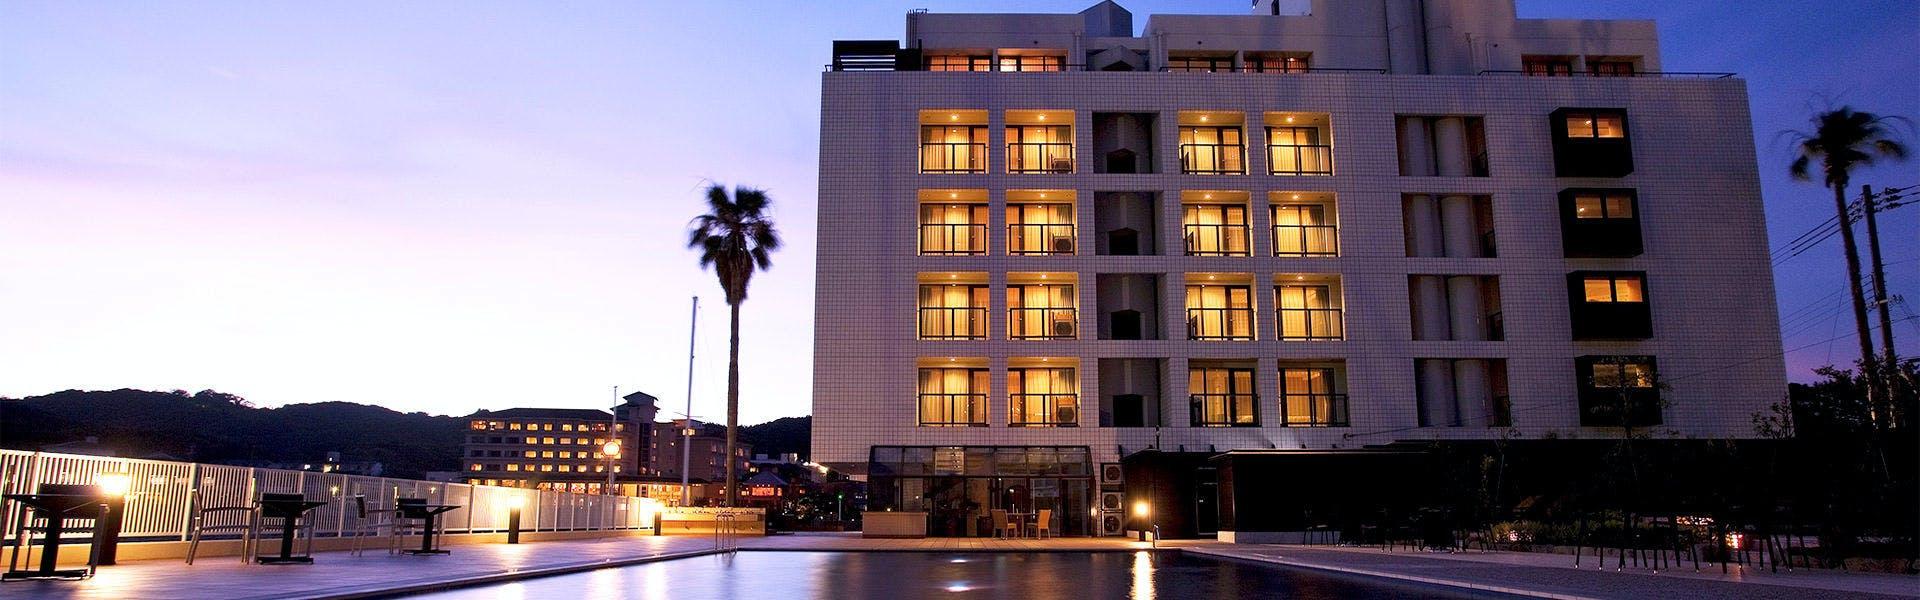 記念日におすすめのホテル・海のホテル 島花の写真1